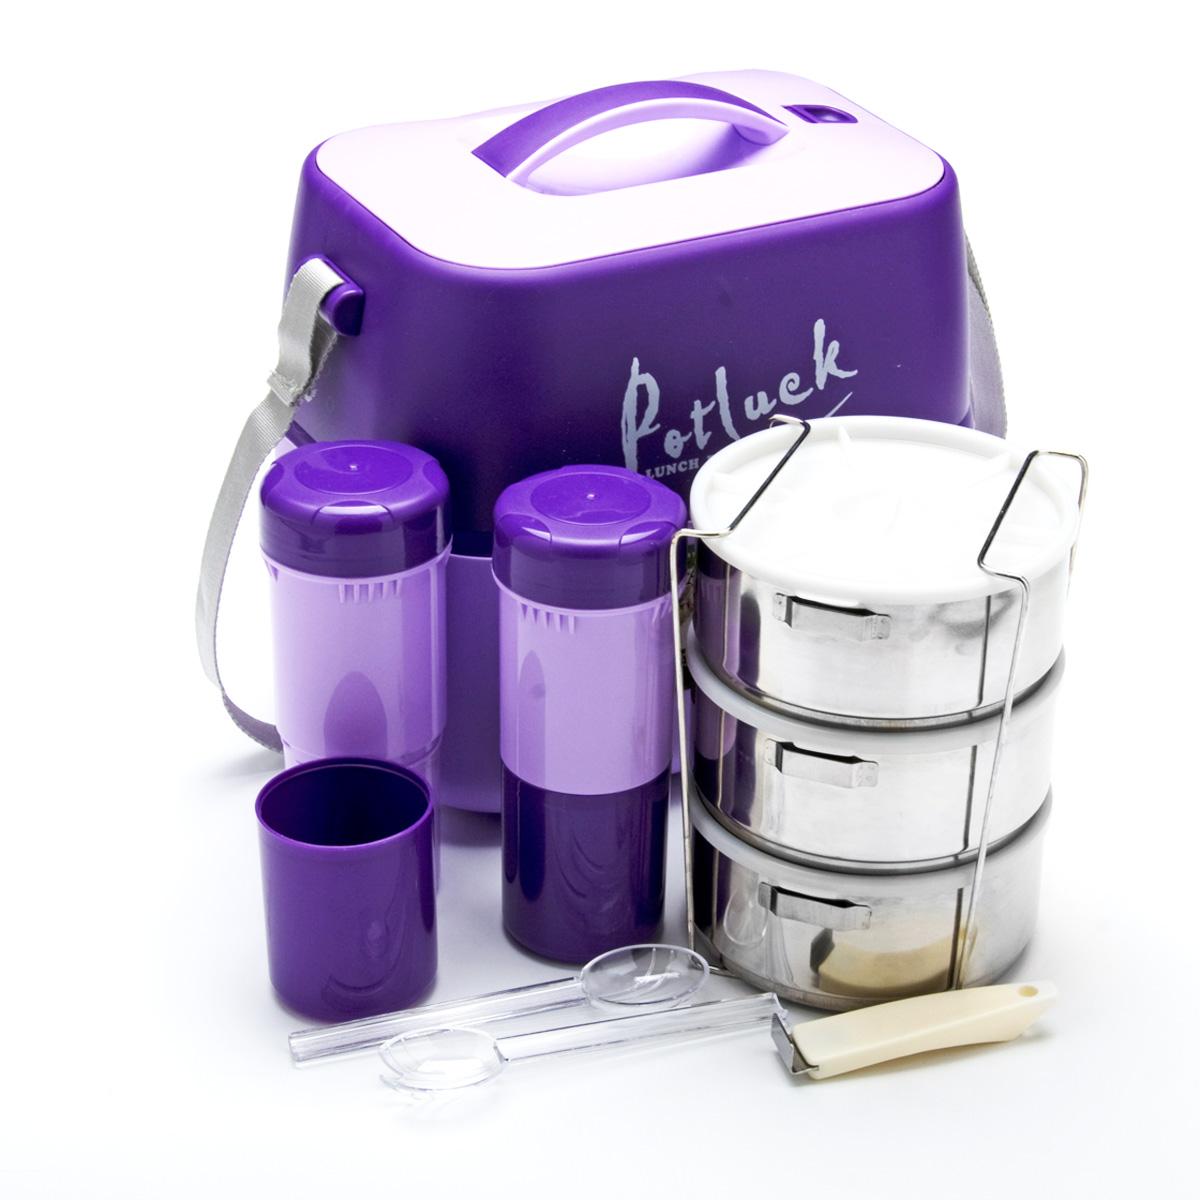 Термо-контейнер для продуктов Mayer & Boch, цвет: фиолетовый, 3,6 л термос контейнер для пищи